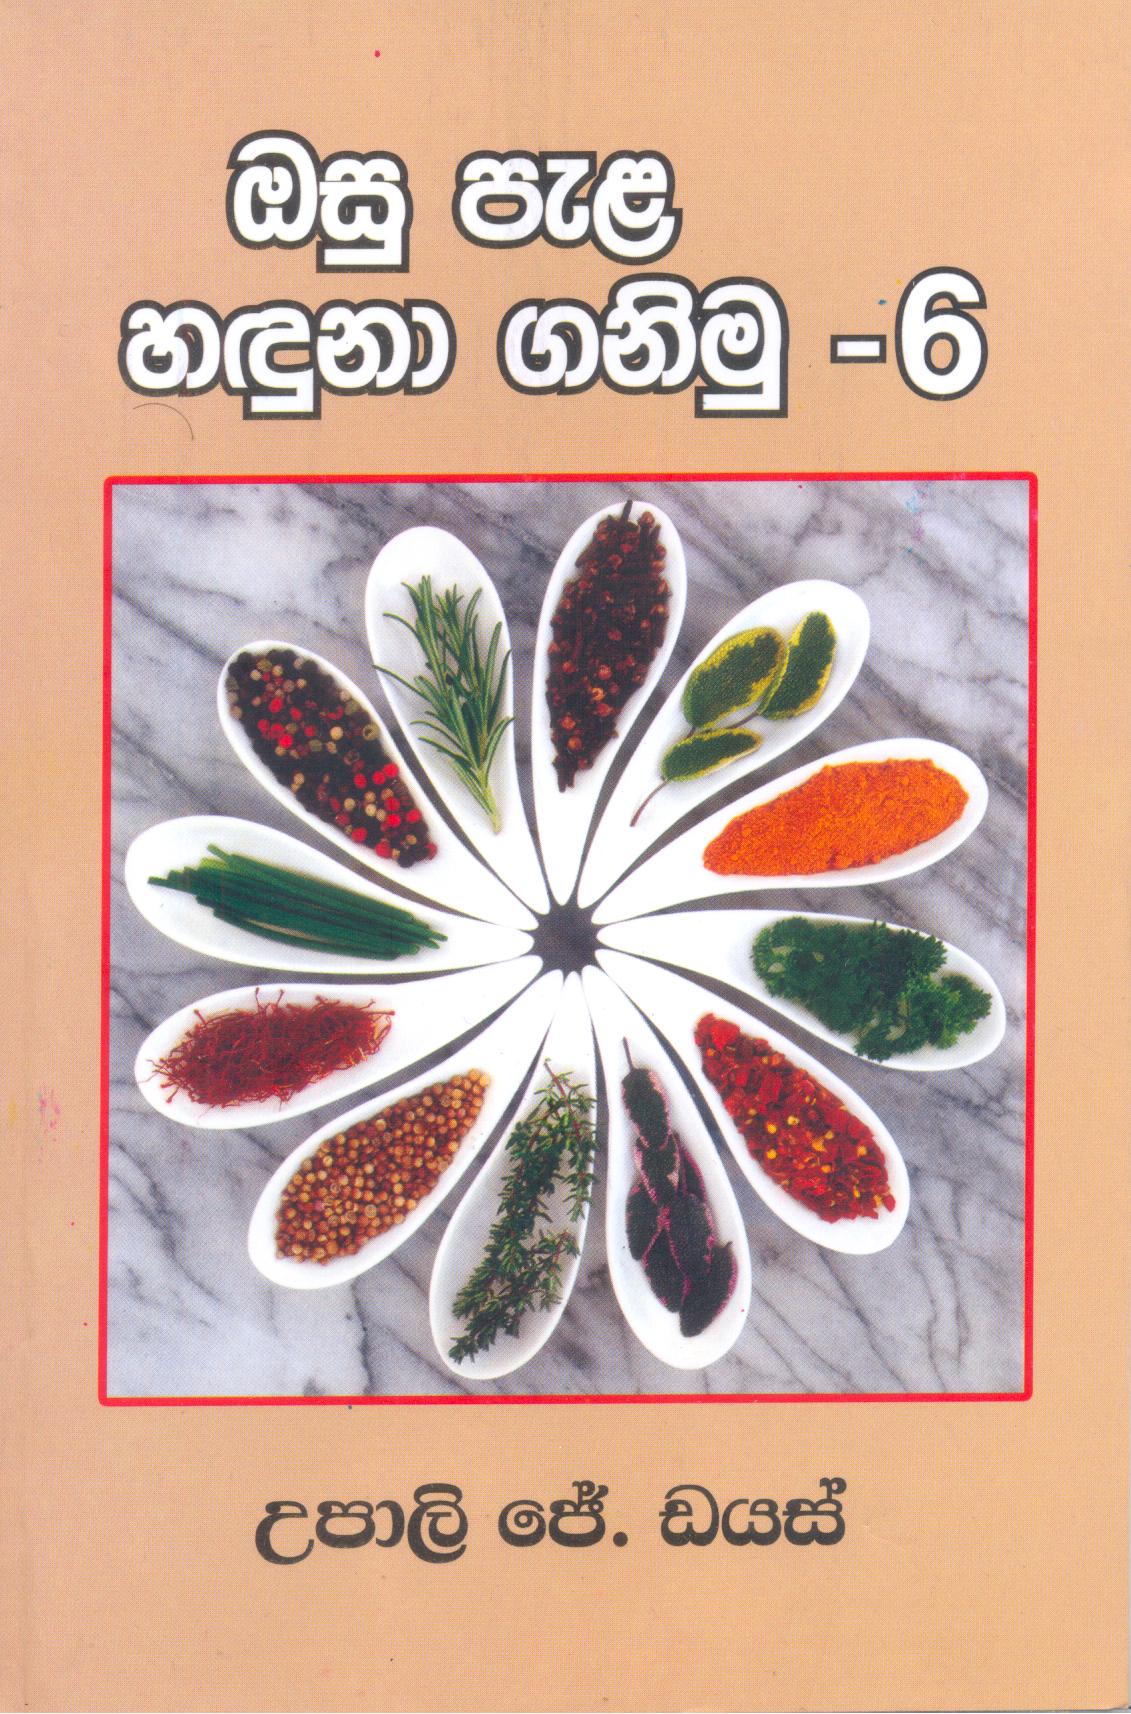 Osu Pala Haduna Ganimu - 6